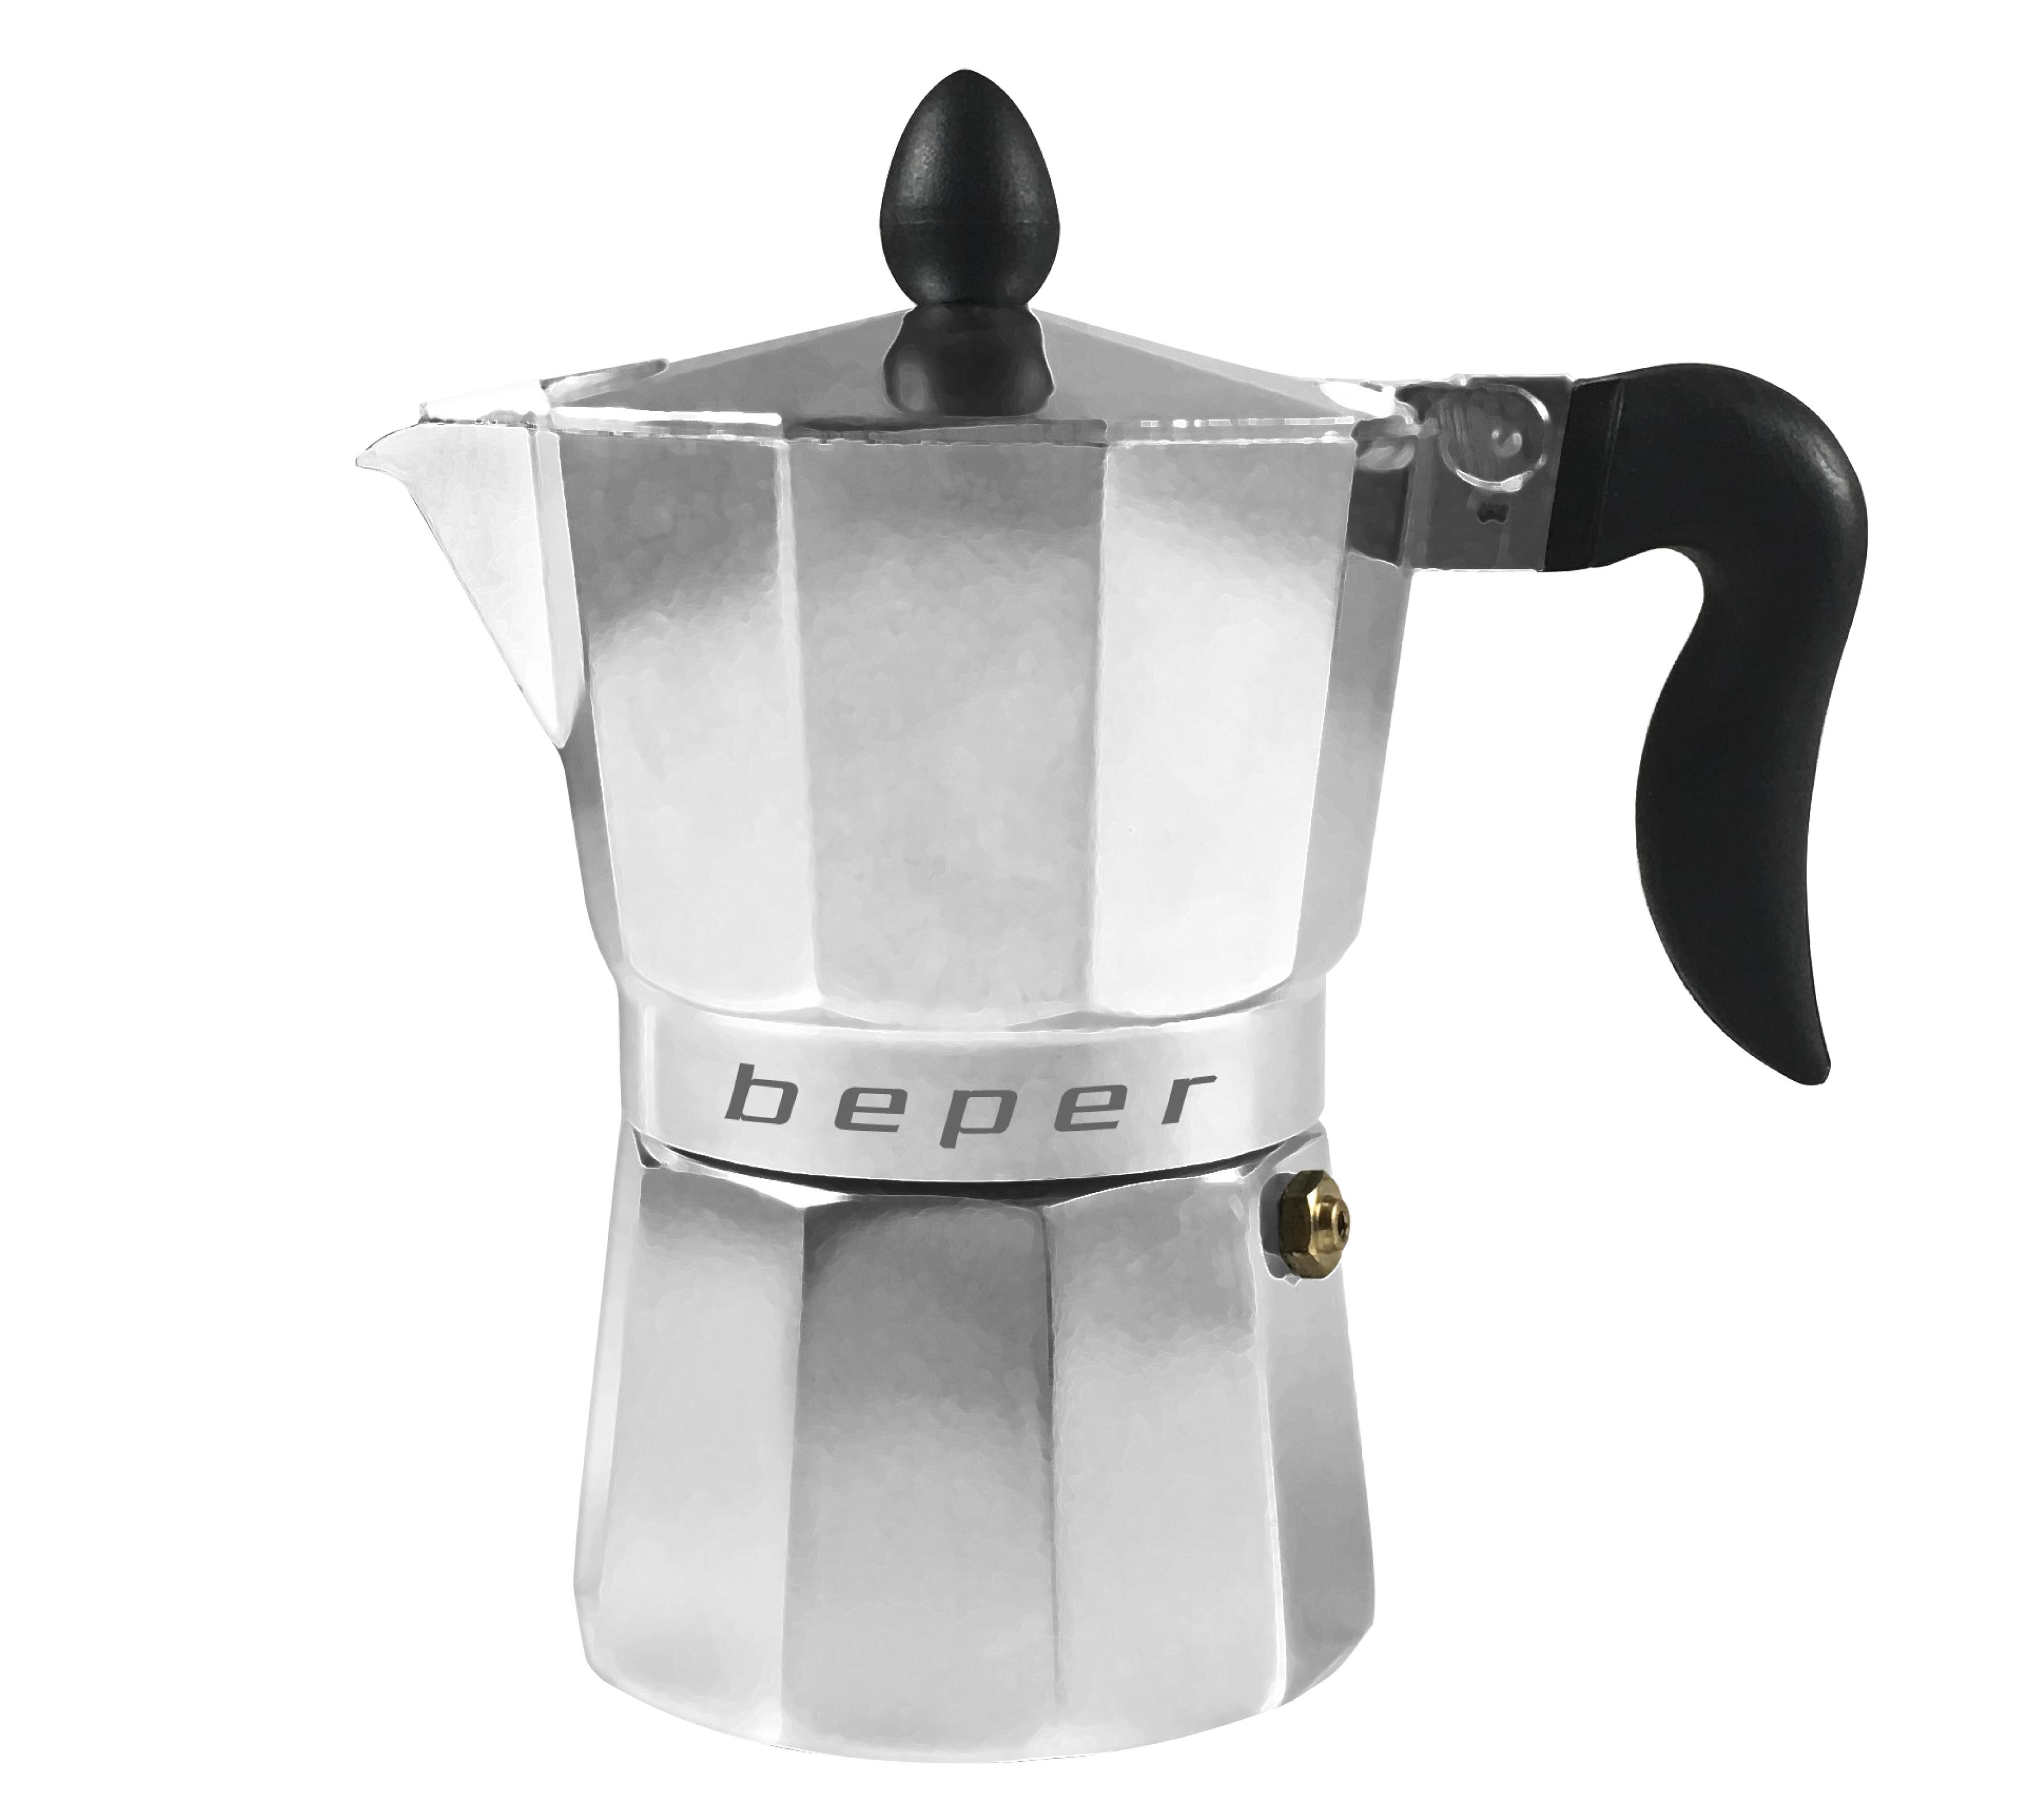 BEPER CA011 kávovar moka pro přípravu tradiční itálské kávy, 3 šálky, kvalitní hliník